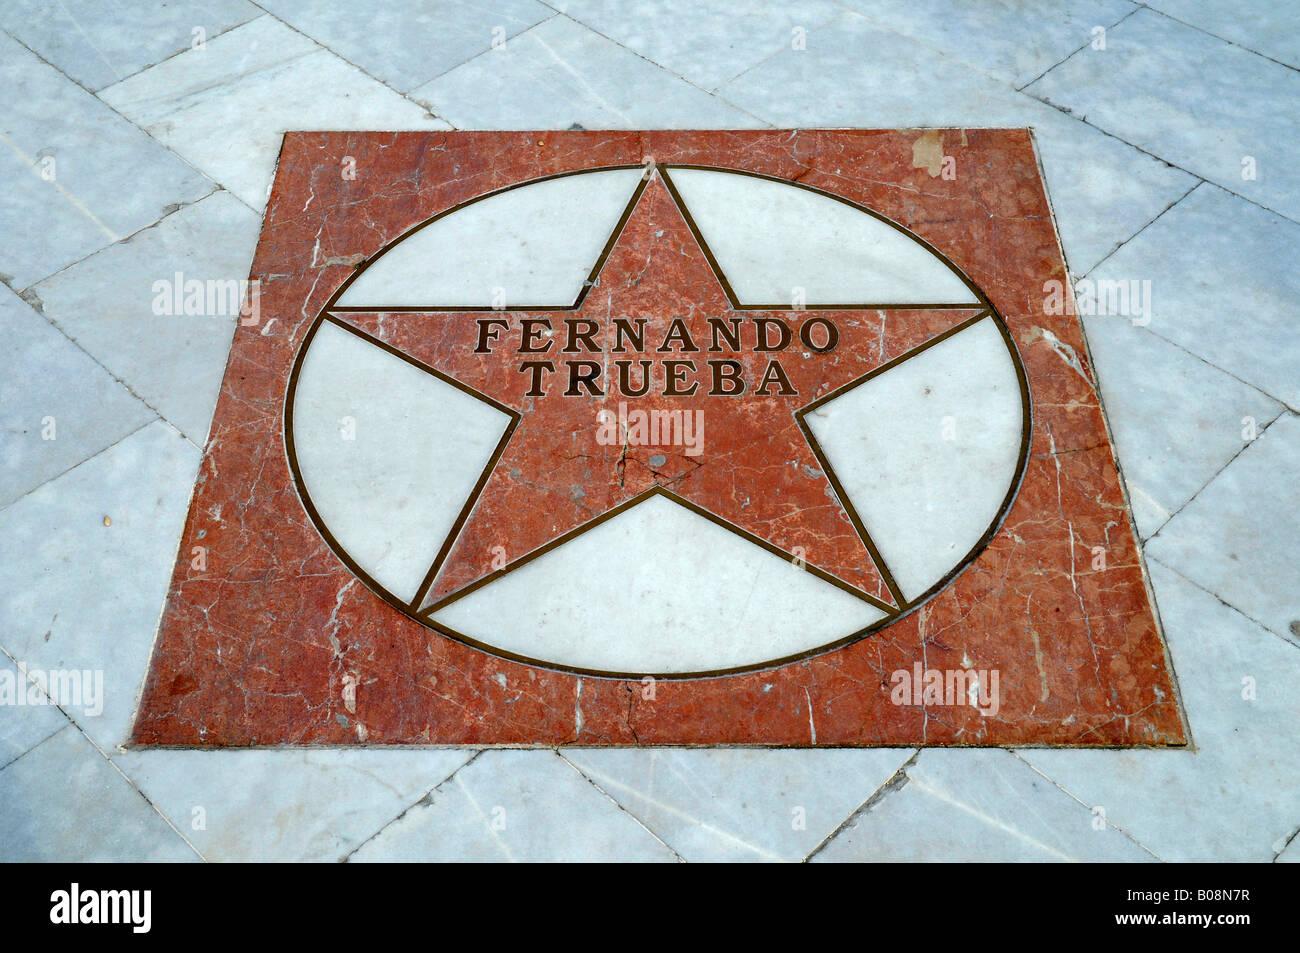 Director Fernando Trueba's star on the El Paseo de Estrellas, Promenade of the Stars, Albir, Alicante, Costa - Stock Image